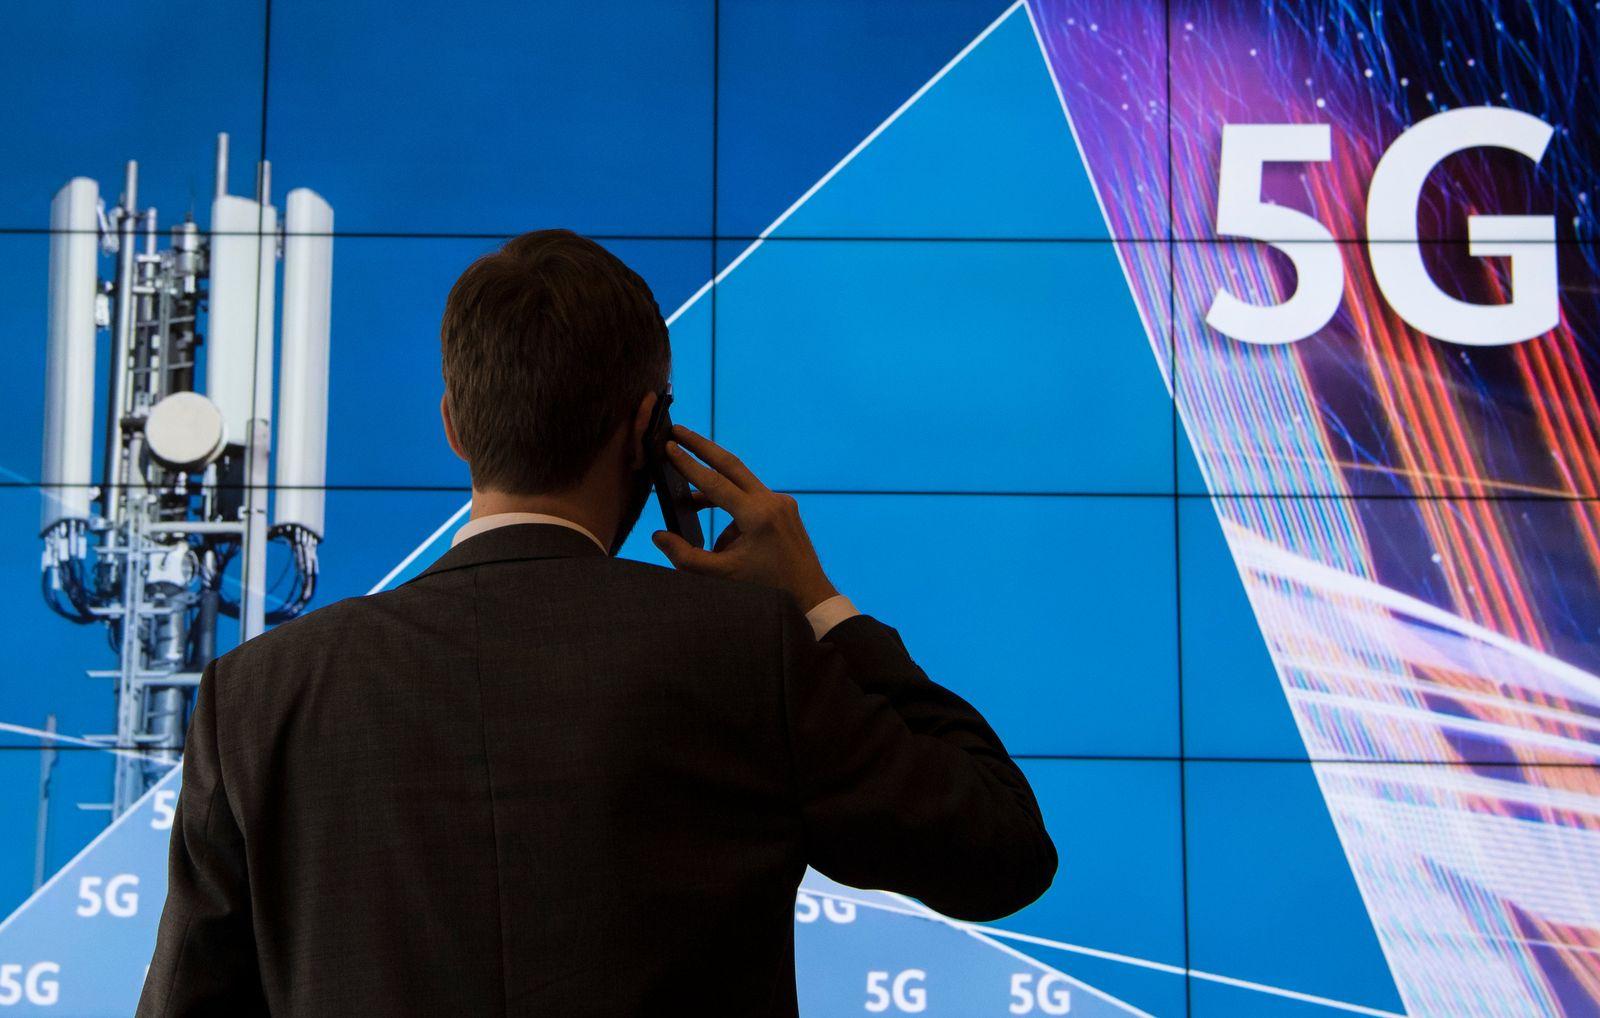 5G / Auktion